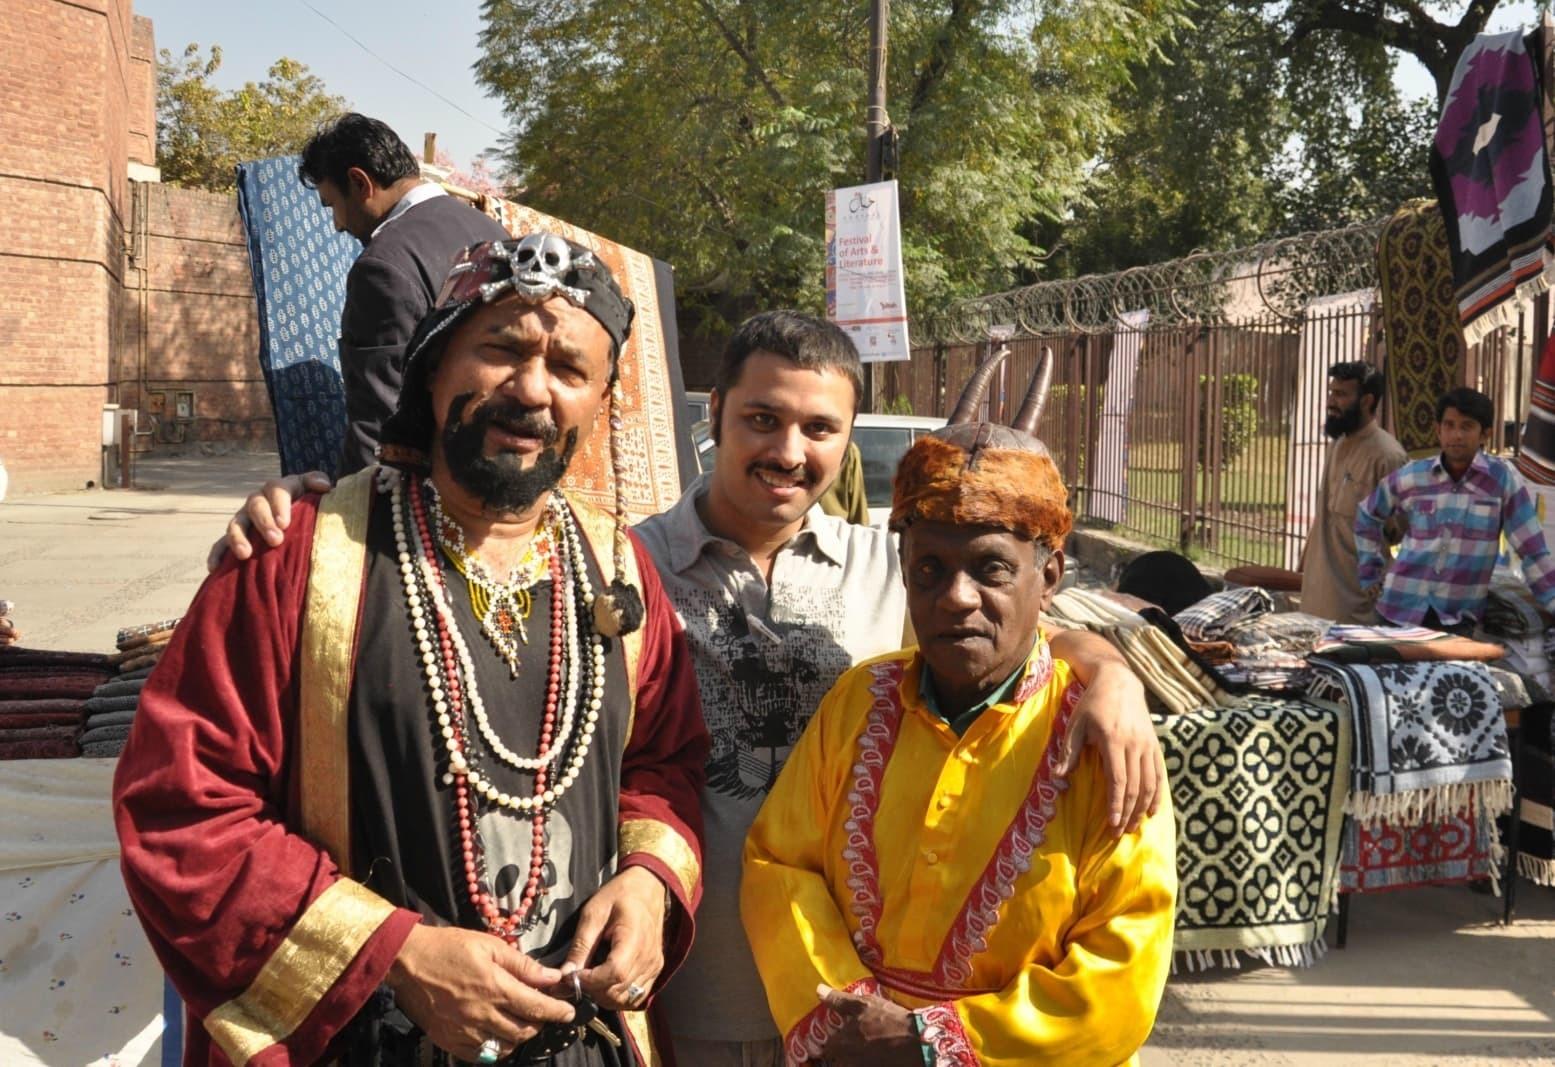 منالاہوری اور عینک والا جن میں ان کے ساتھ کام کرنے والے حسیب پاشا کی 2014 کے خیال فیسٹیول کی یادگار تصویر — پبلسٹی فوٹو